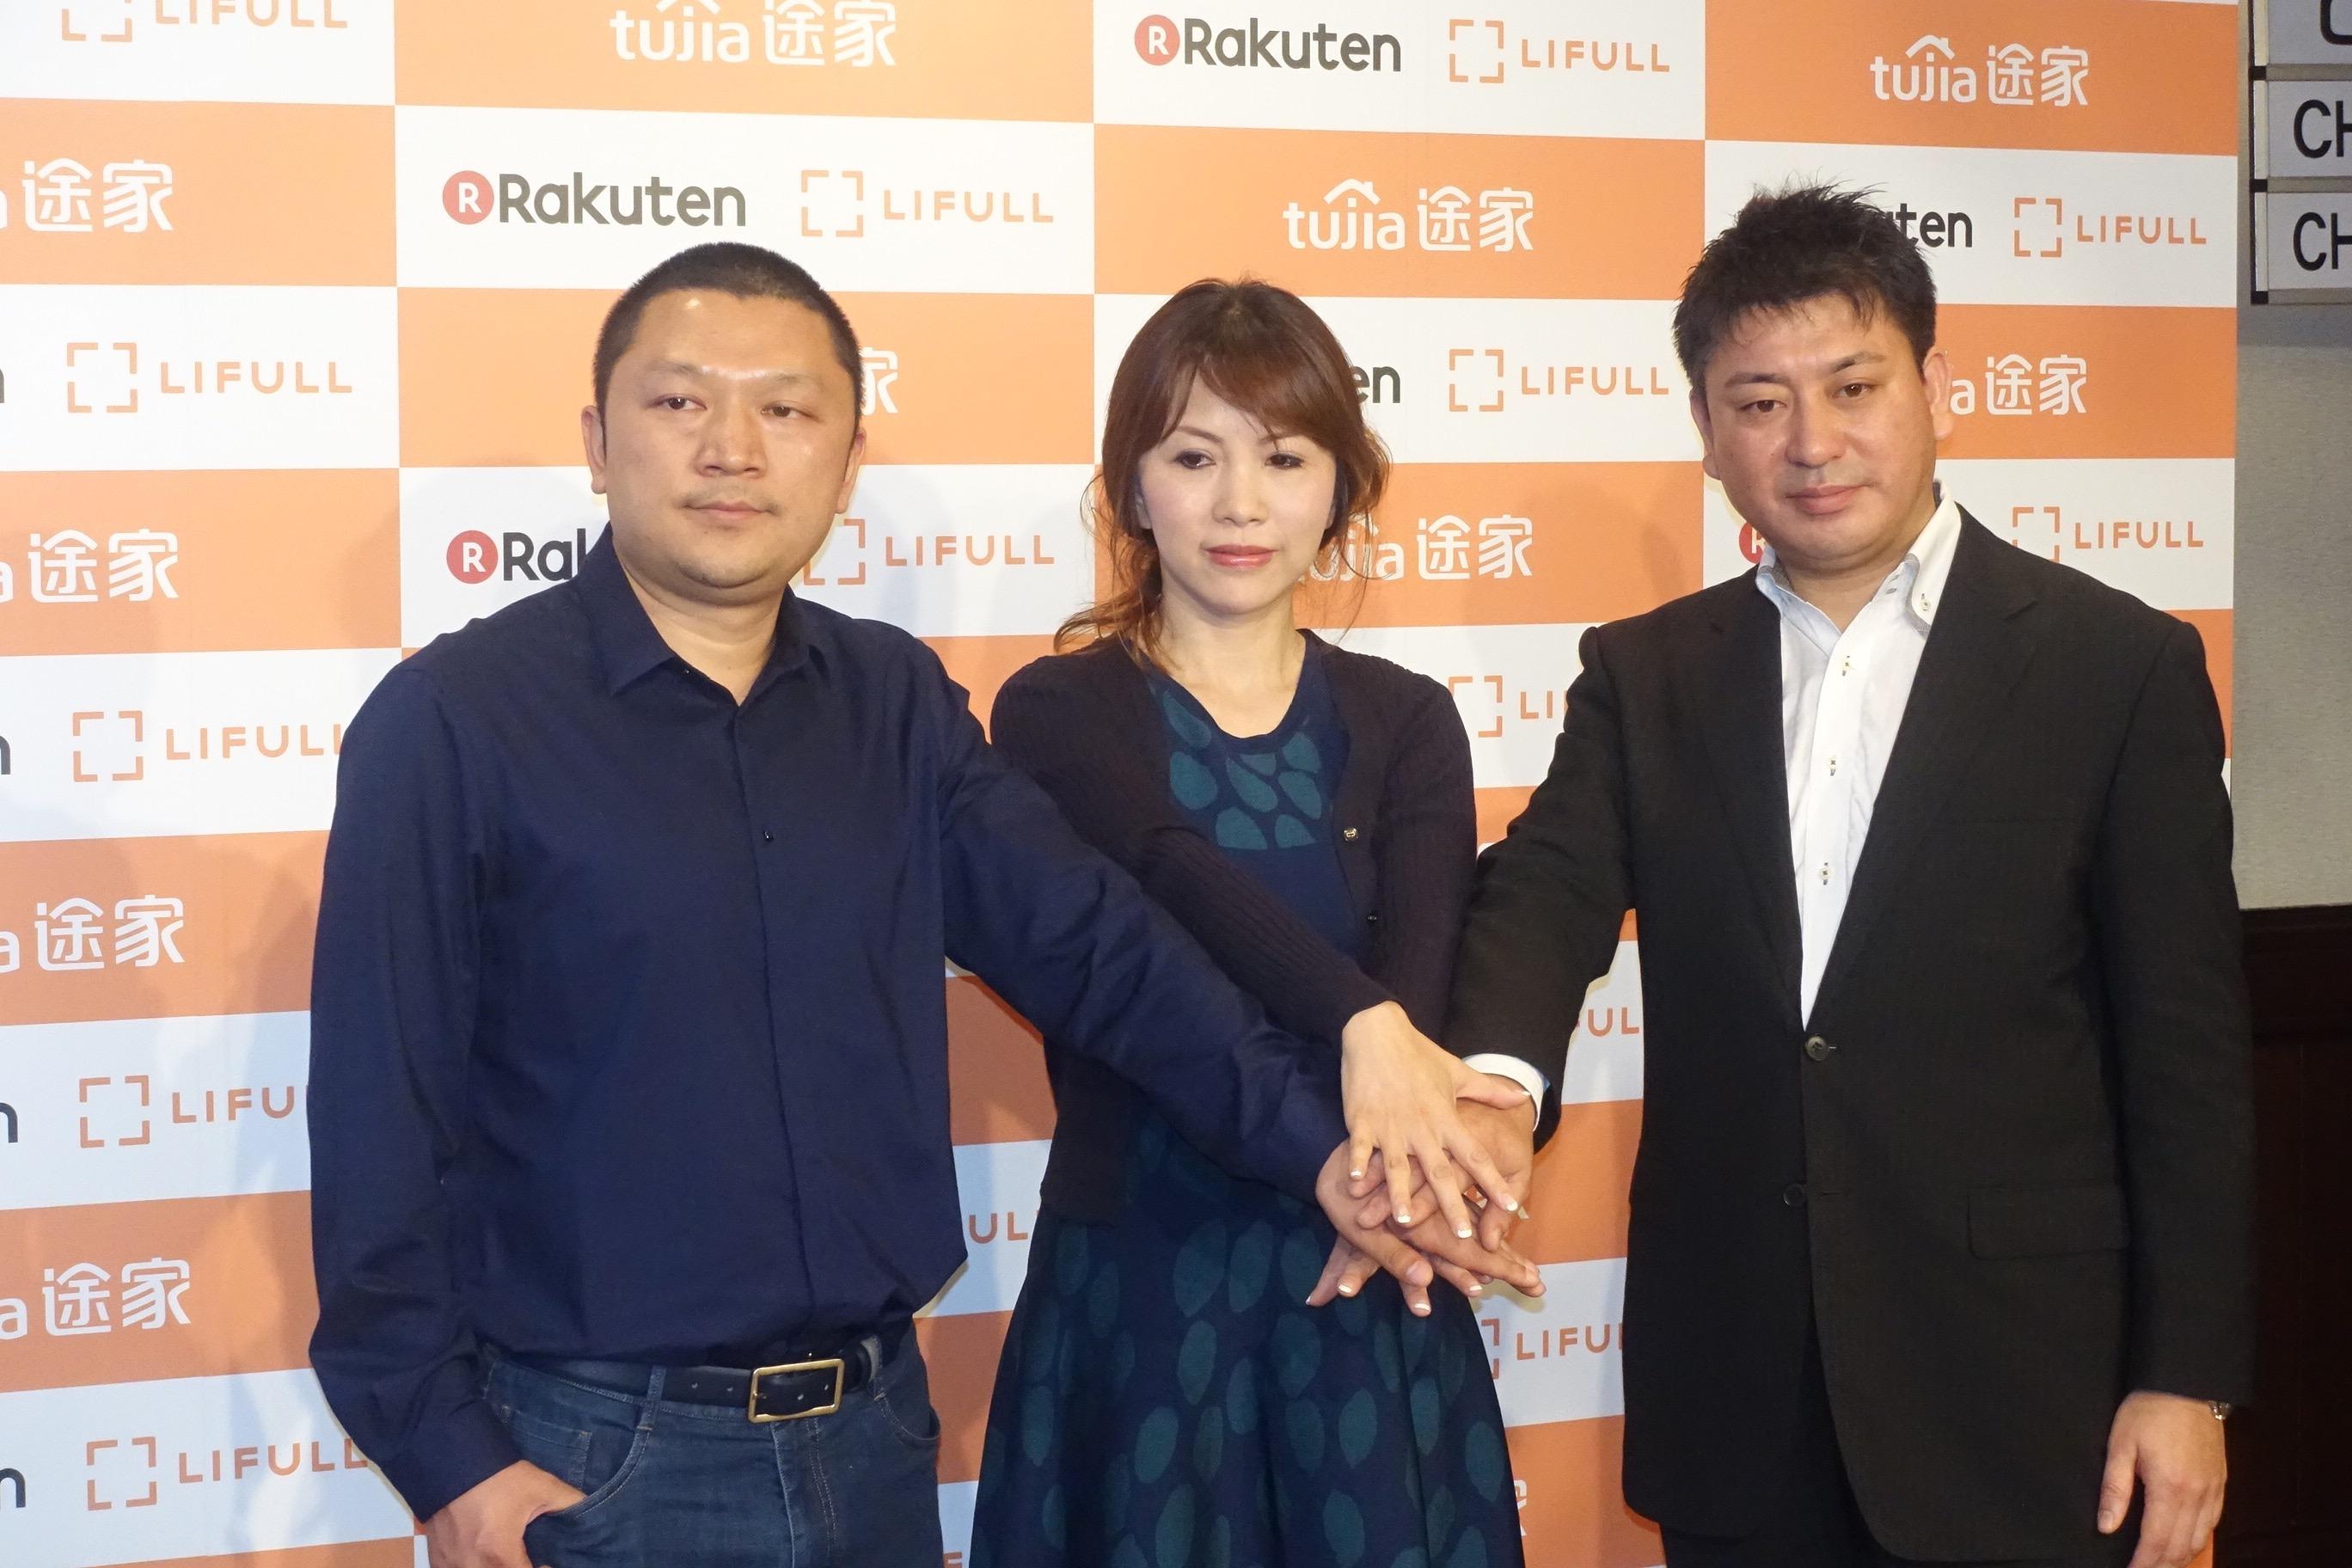 中国大手民泊「途家(トゥージア)」が日本での拡大に本腰、楽天と提携を発表、中国LCCの就航都市で物件開拓なども積極展開へ